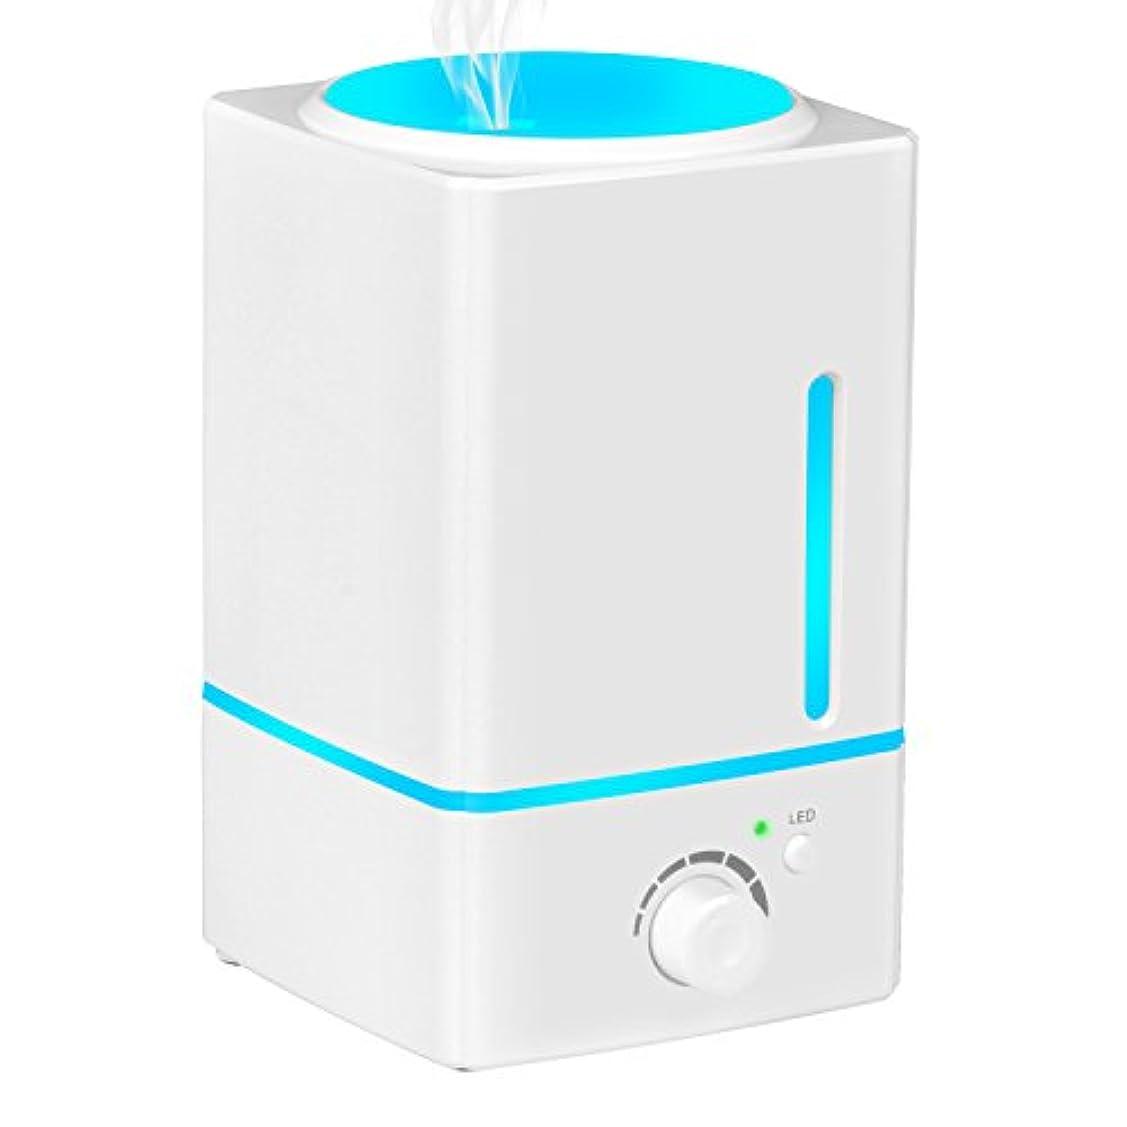 横にアレイ変更可能Aromatherapy Essential Oil Diffuser加湿器、olivetech 1500 ml超音波クールなミスト加湿器with LEDライトの色変更と自動遮断forホームオフィス寝室